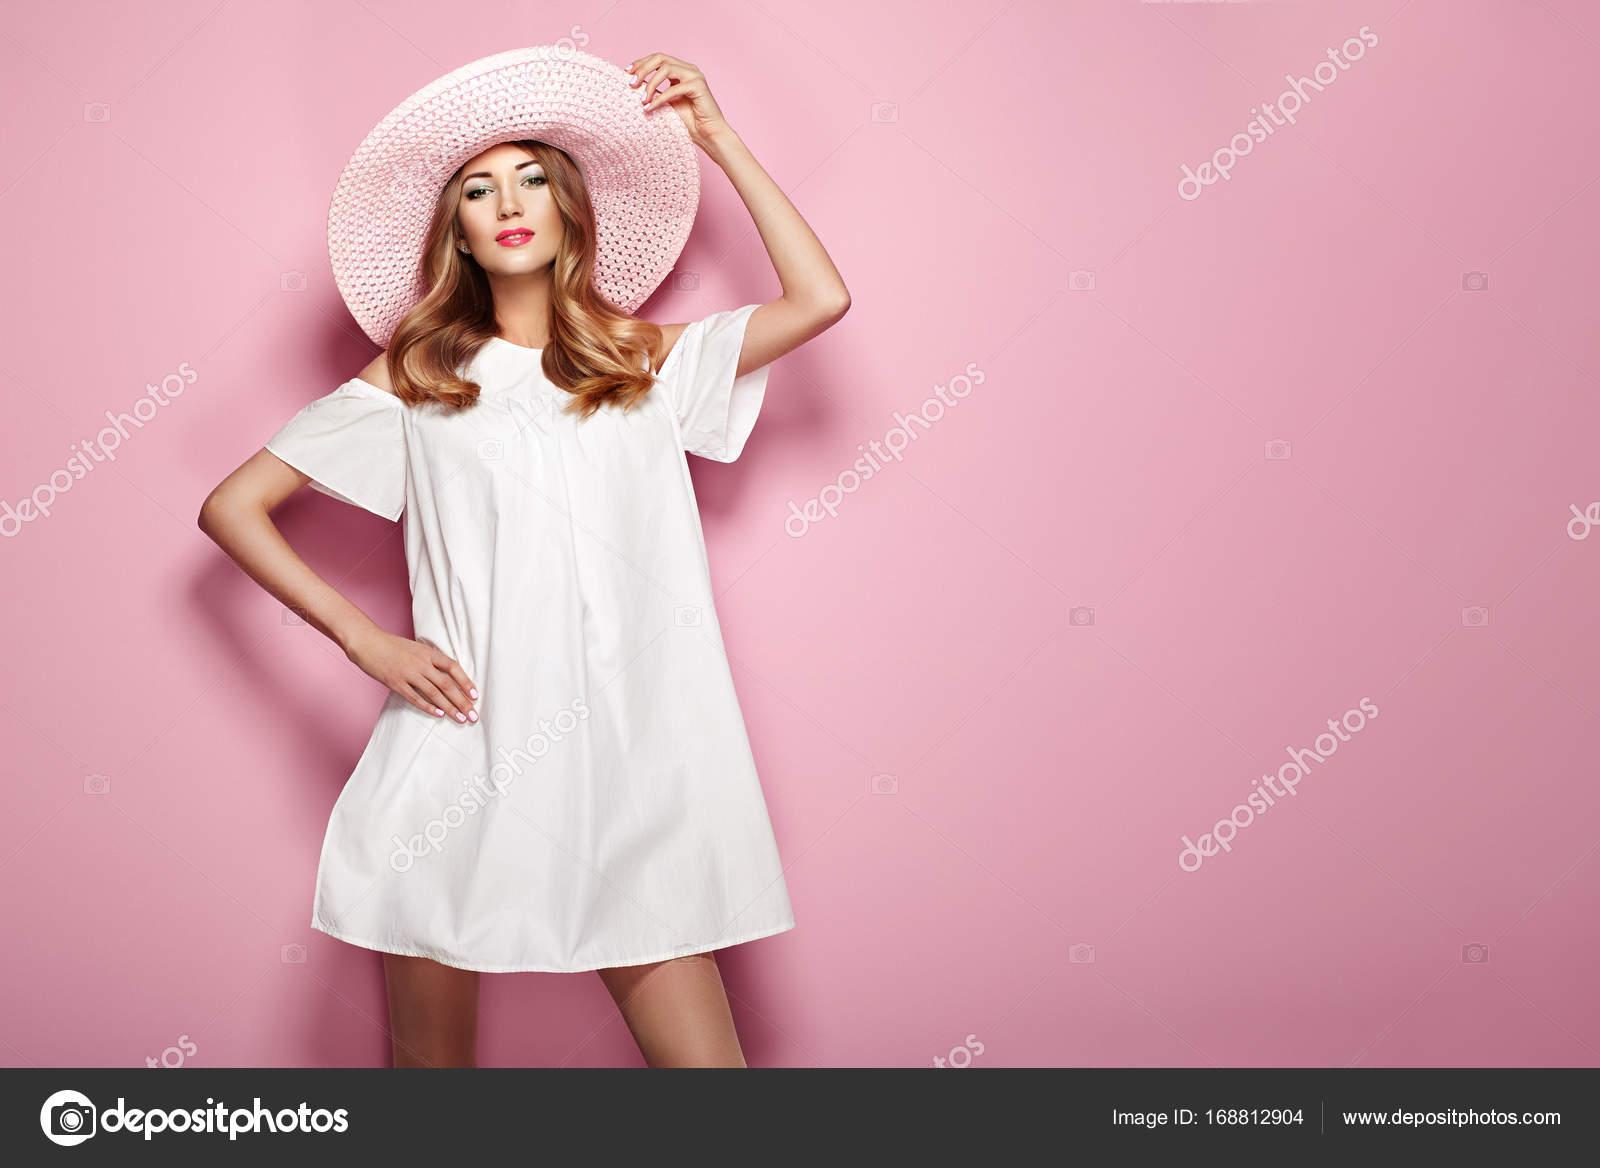 11a02b54f77f Giovane donna bionda in vestito bianco elegante e cappello di estate.  Ragazza in posa su uno sfondo rosa. Gioielli e abbigliamento.